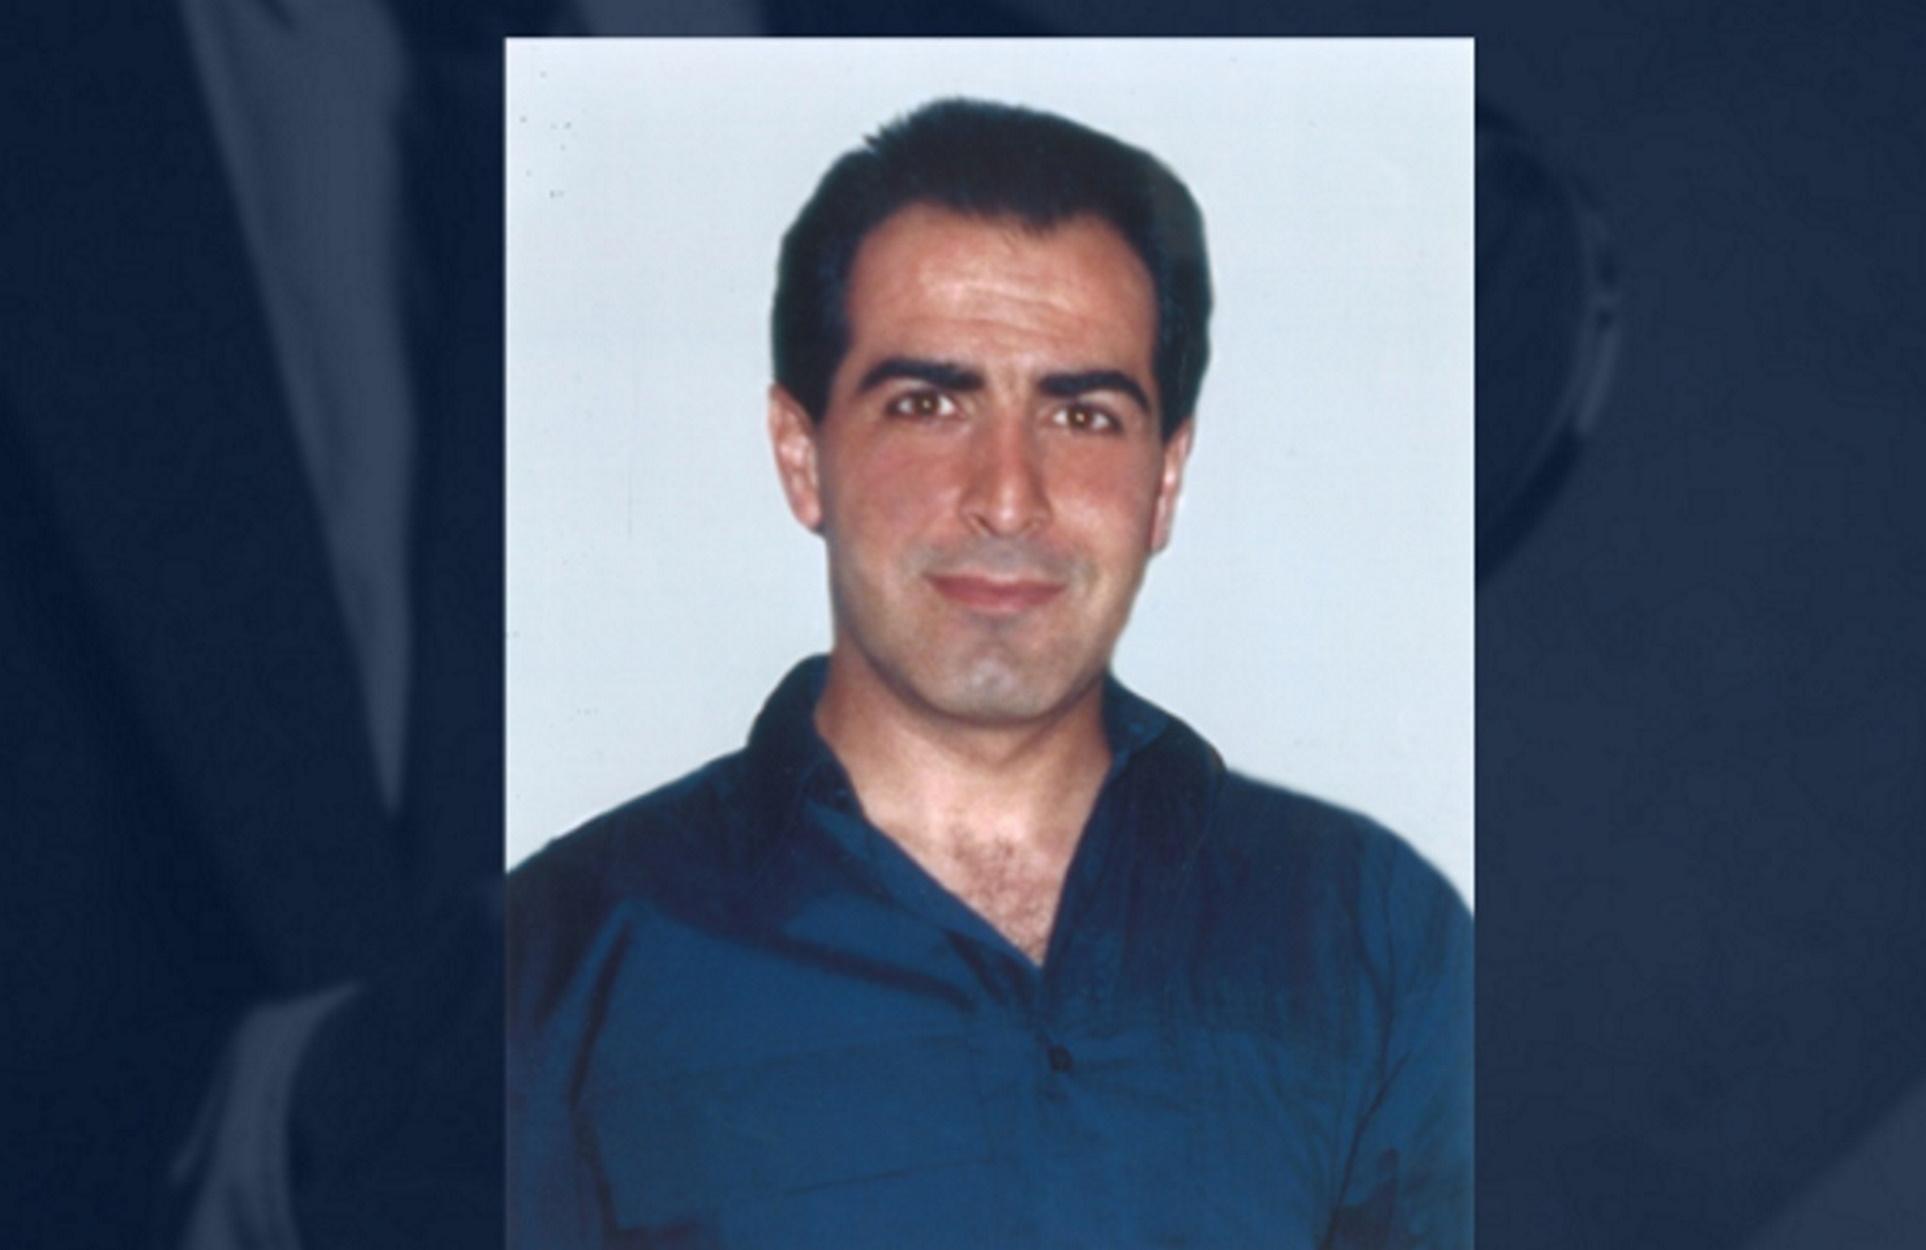 Σητεία: Στο εδώλιο πατέρας και γιος για τη δολοφονία του Τηλέμαχου Κακουλίδη – Το σκοτεινό έγκλημα (video)